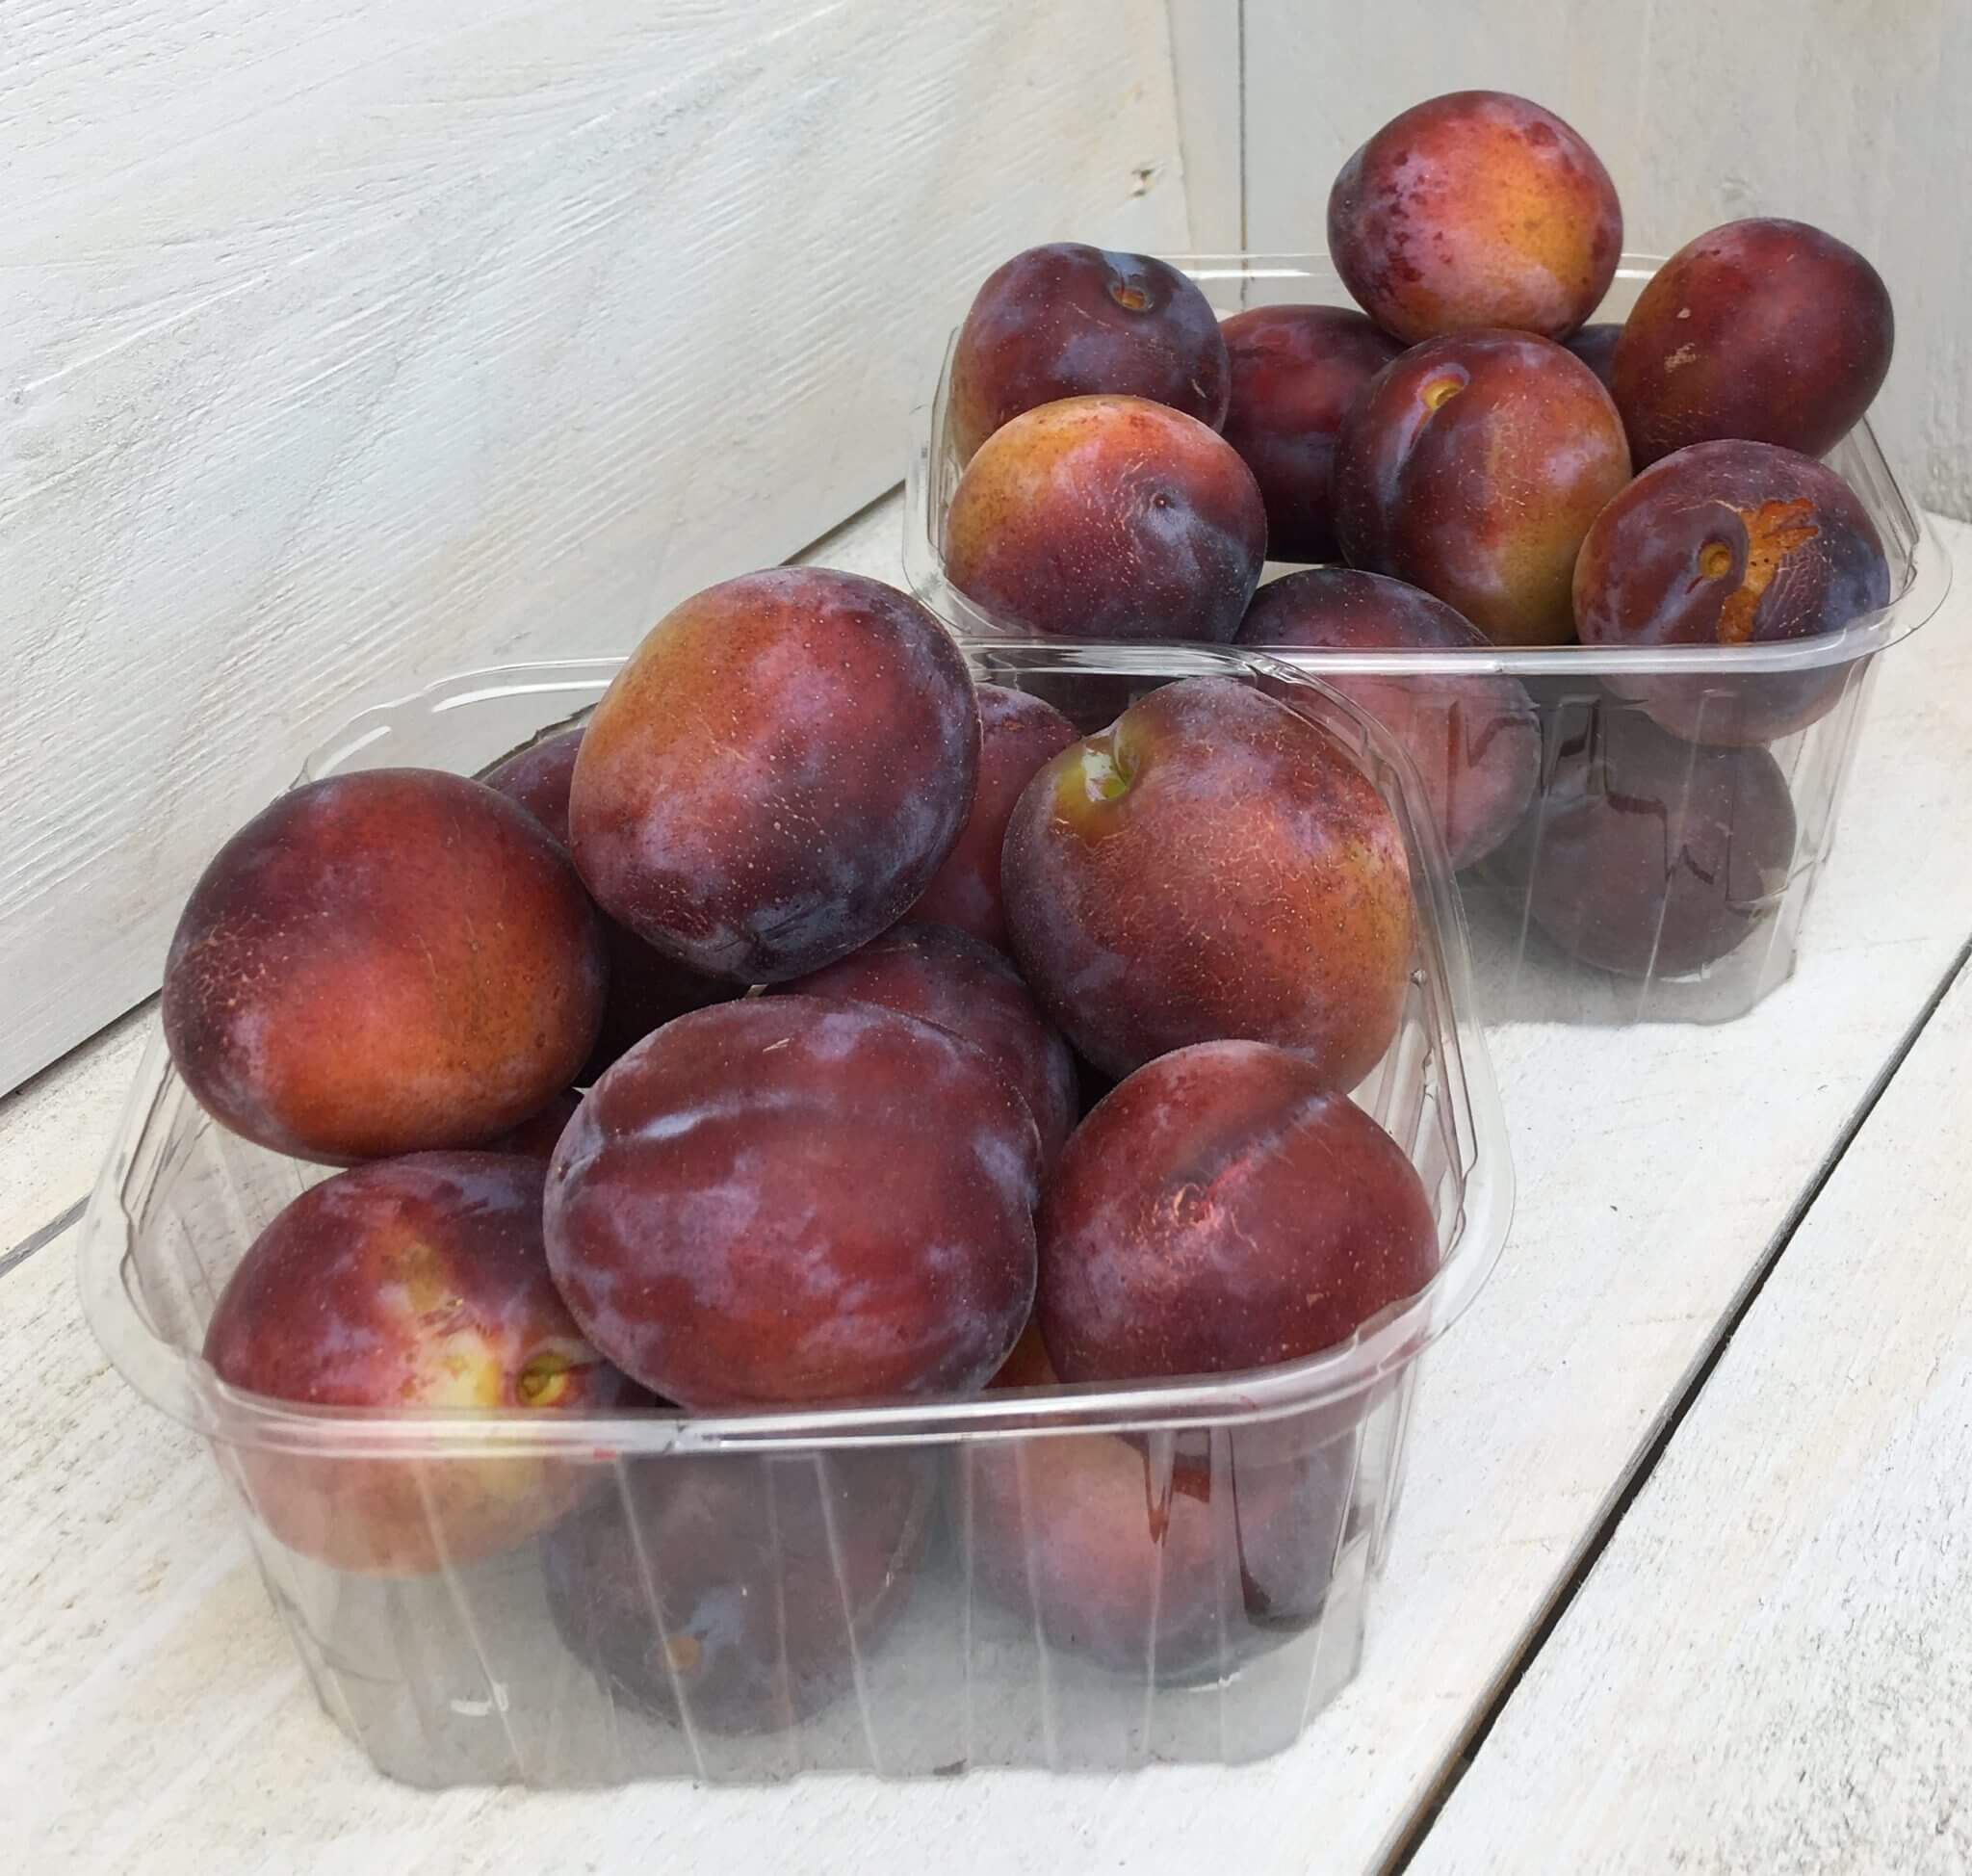 Fruitbedrijf Van den Berge: pruimen